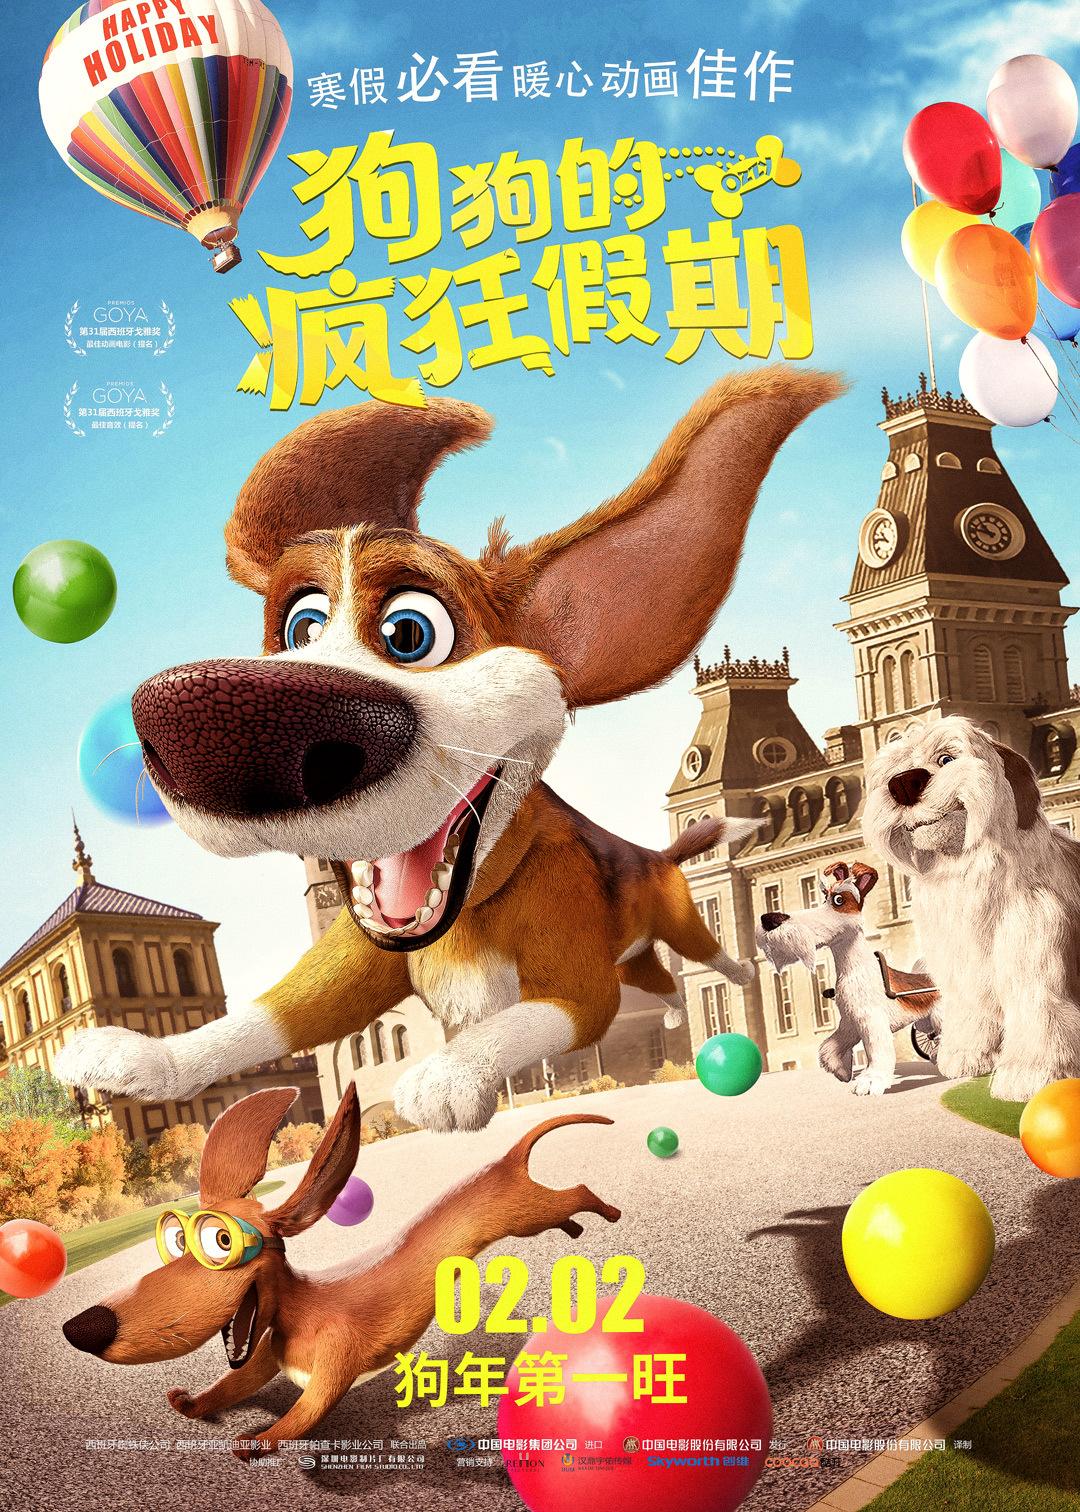 《狗狗的疯狂假期》发终极预告海报 萌犬团超燃出击